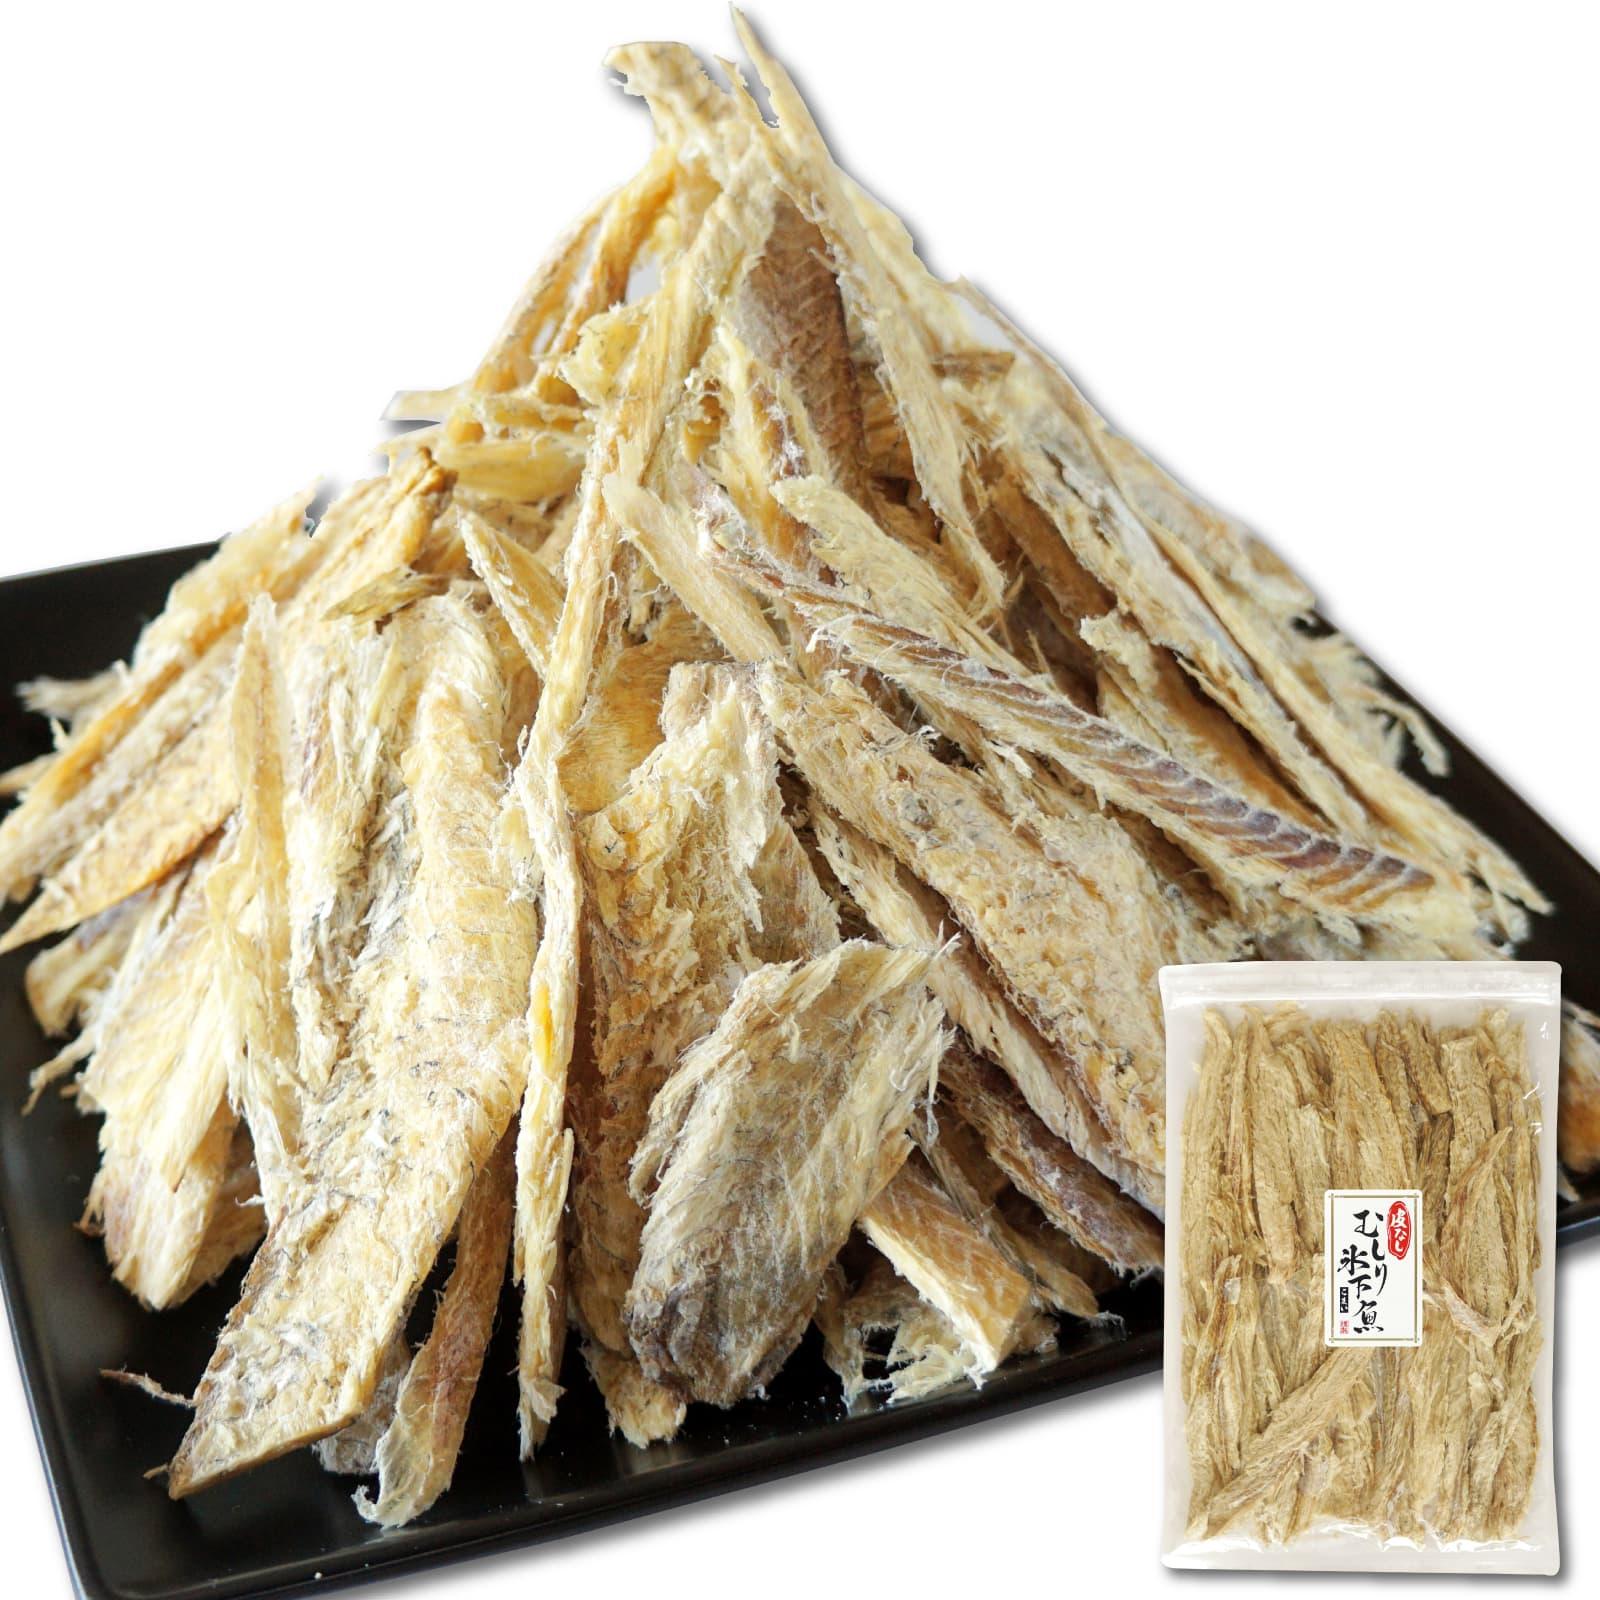 北海道産 氷下魚 コマイ いよいよ人気ブランド むき身 カンカイ 骨なし 皮なし 大容量 珍味 公式ストア 400g むしり 干し おつまみ 簡単 すぐに食べられる 業務用 むきこまい